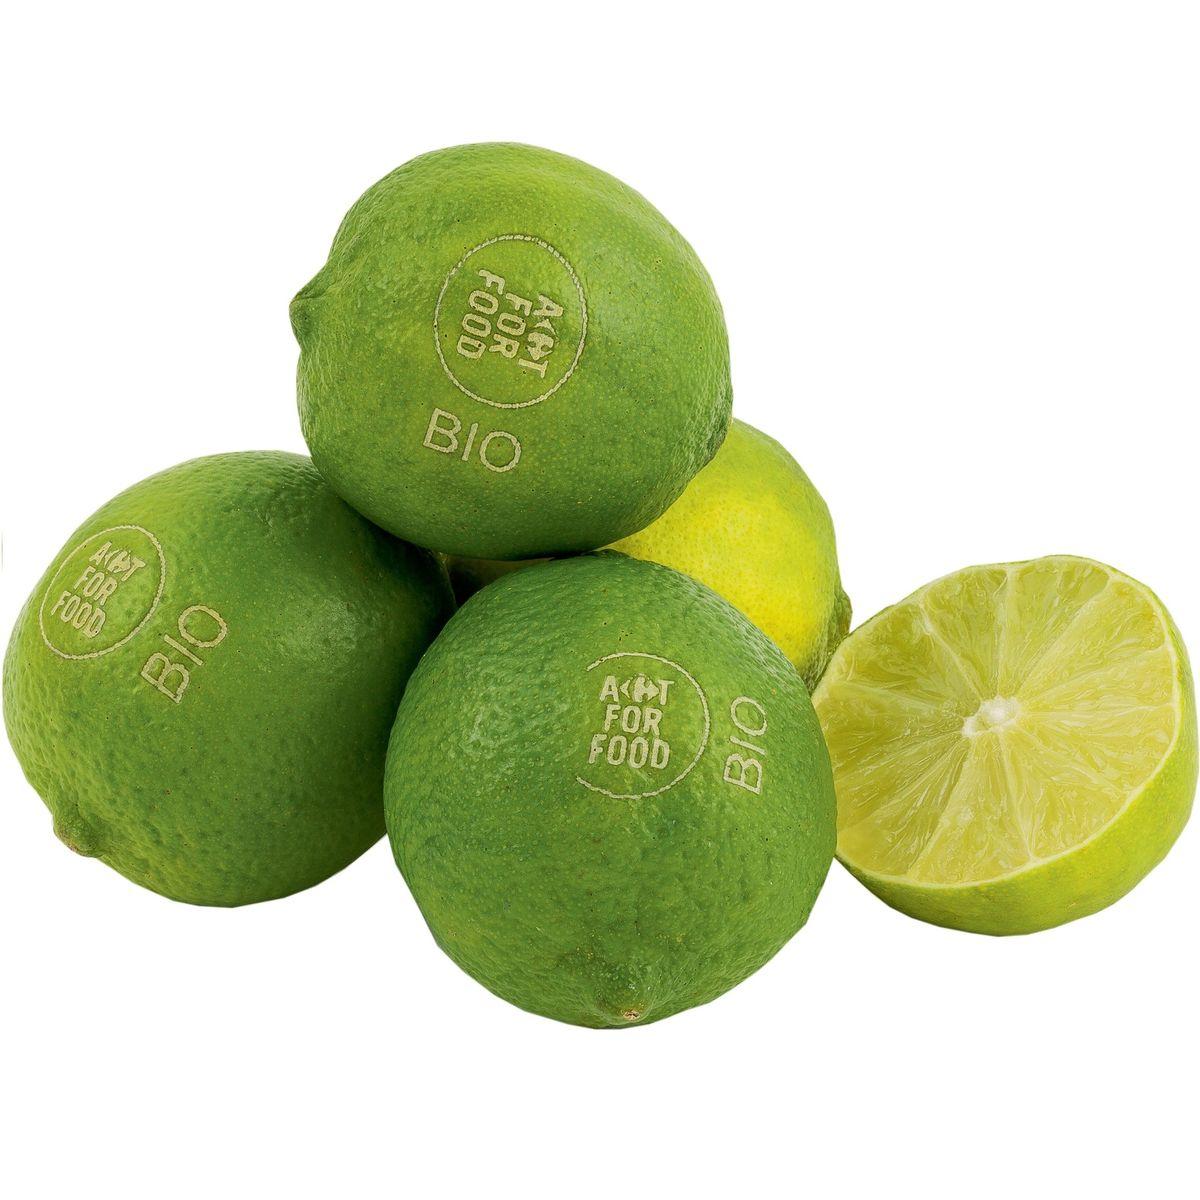 Carrefour Bio Citron Vert en Vrac